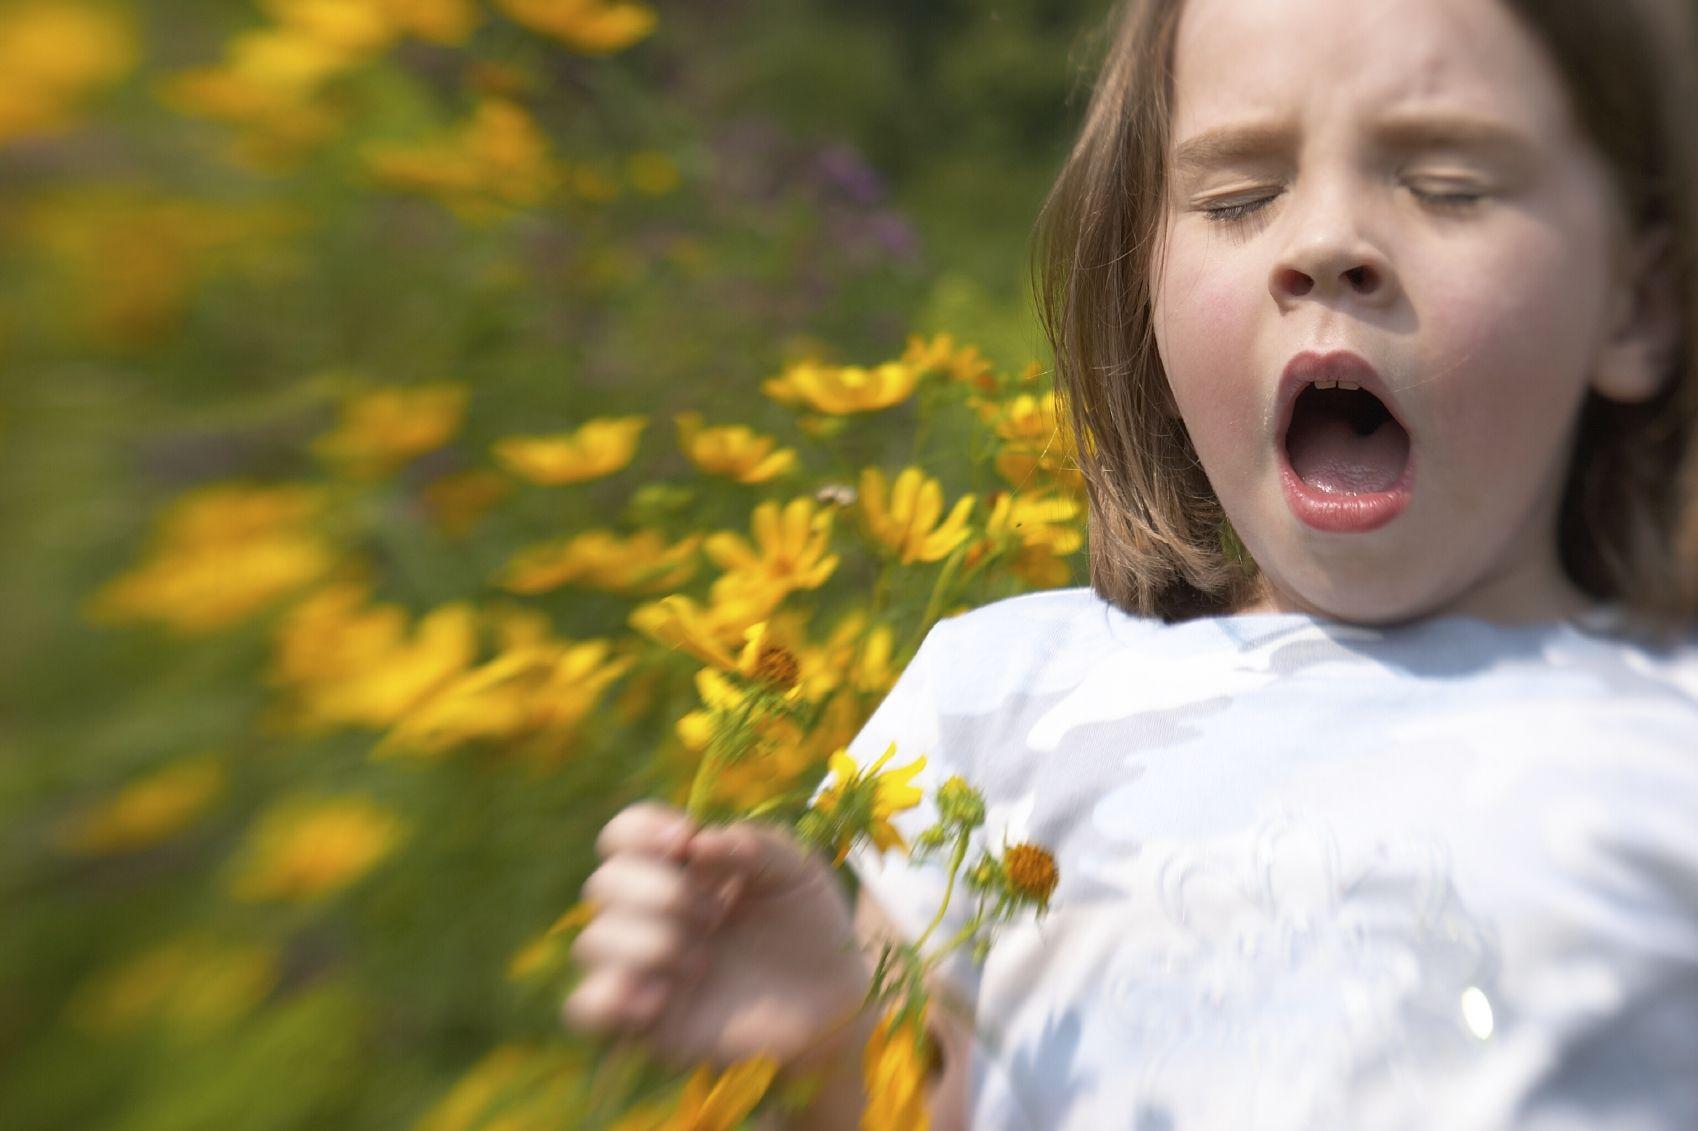 Ecco cos'è per gli allergici la primavera!